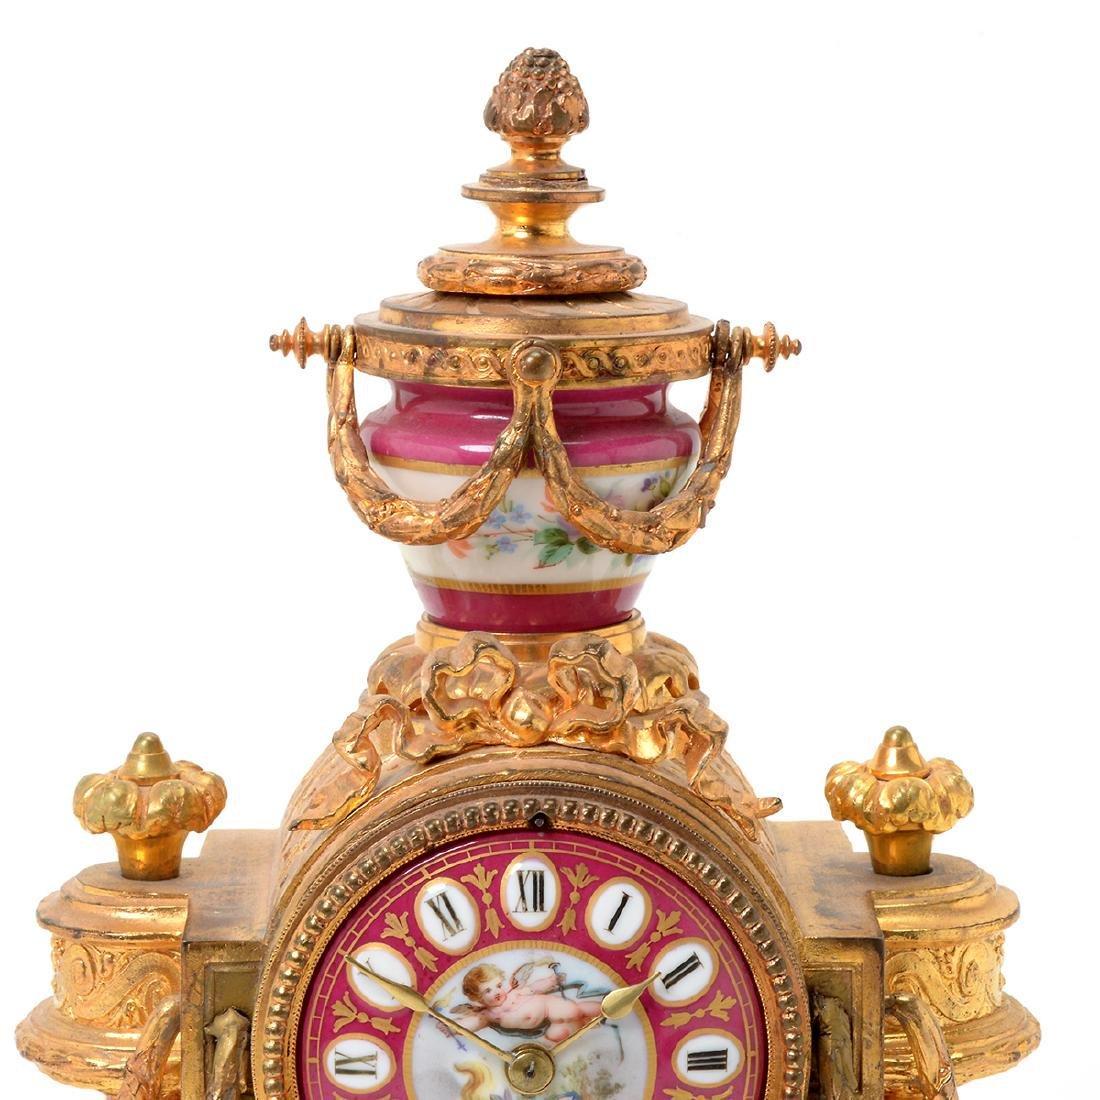 Louis XVI Style Gilt Bronze Porcelain Mantel Clock - 3